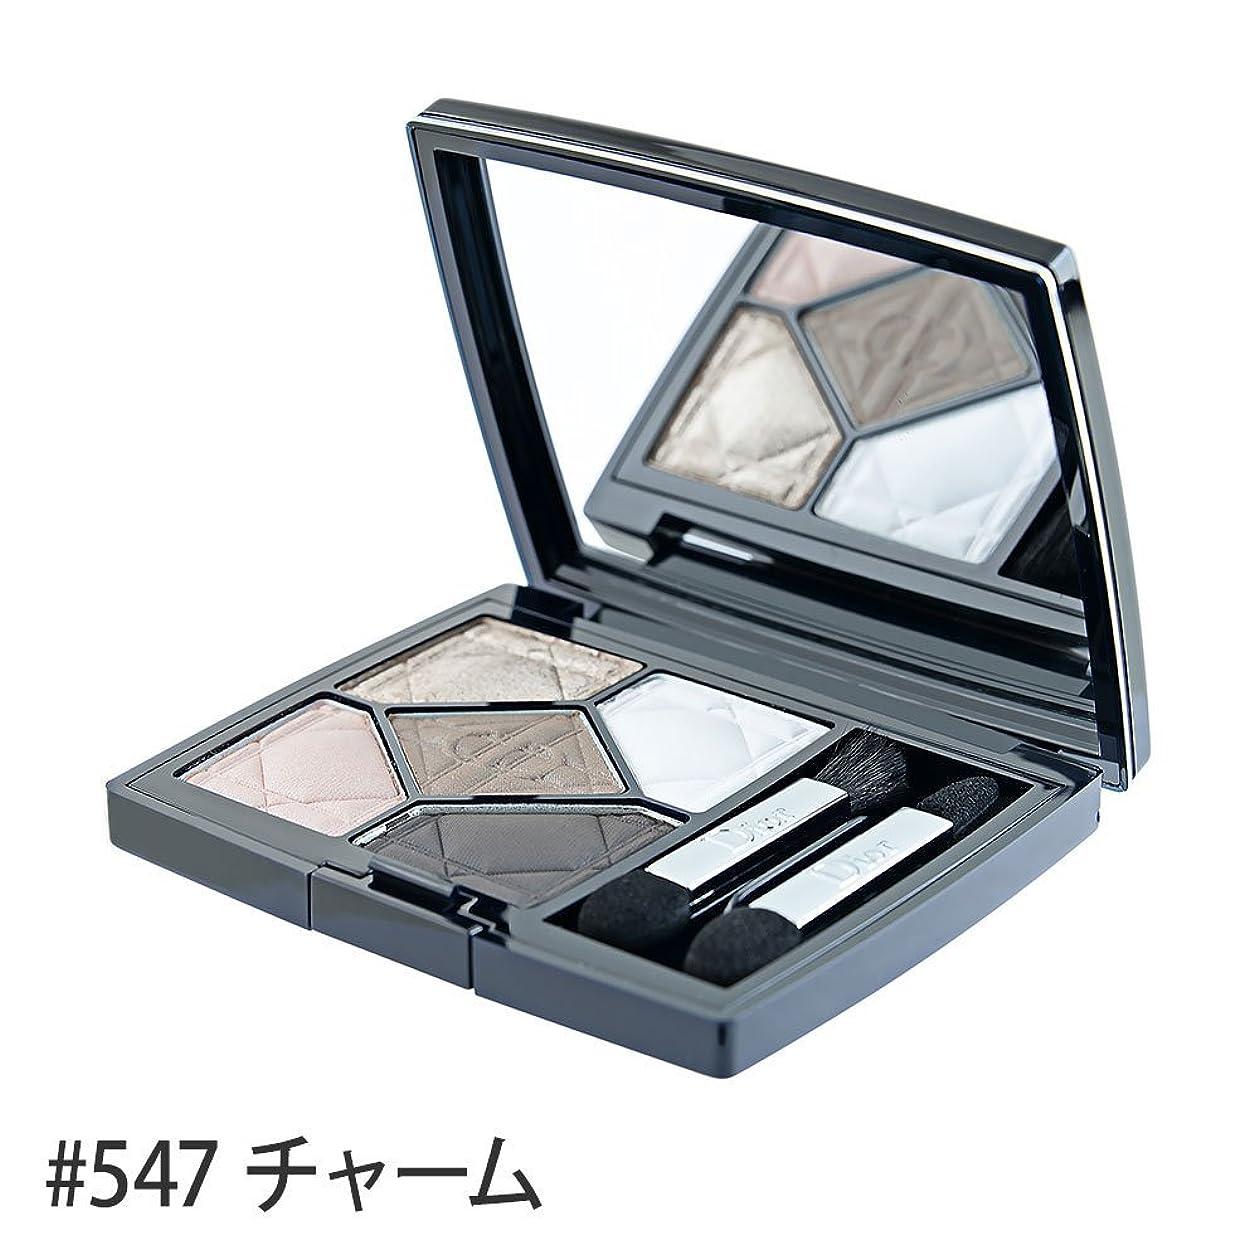 スタジアムのれん難しいディオール(Dior) サンク クルール #547(チャーム) 6g [並行輸入品]